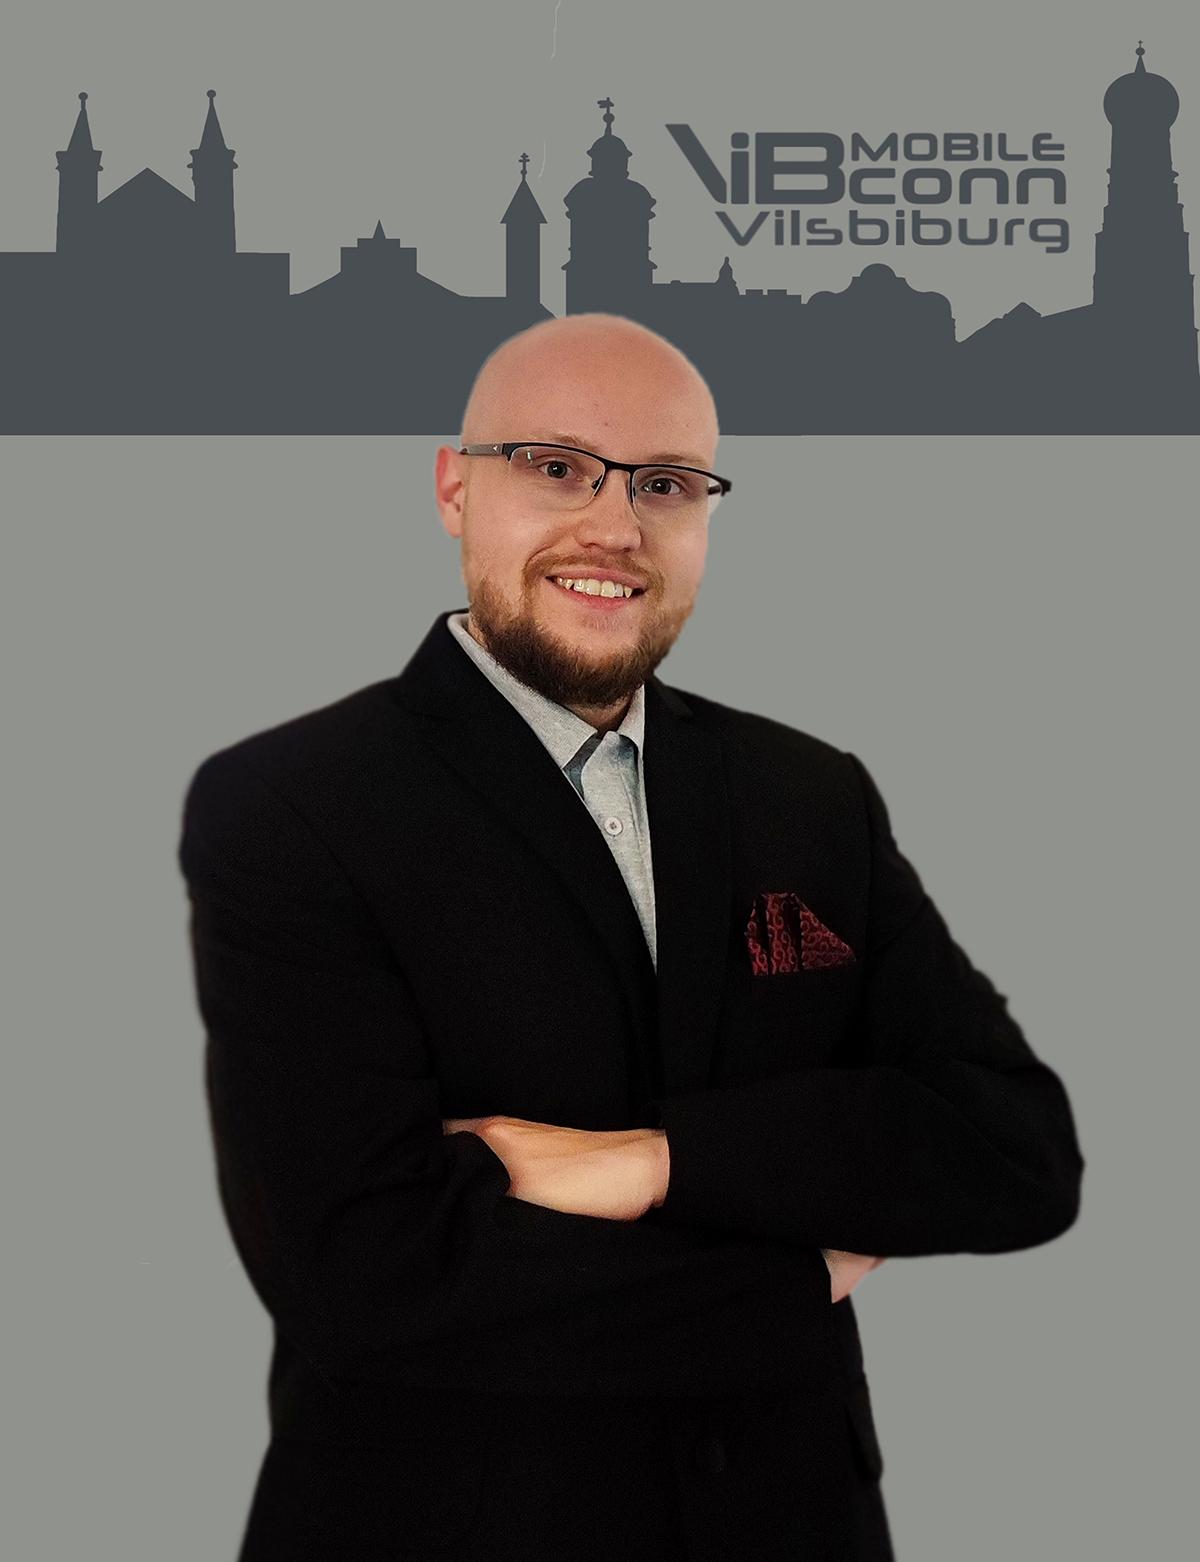 Benjamin Teichgräber